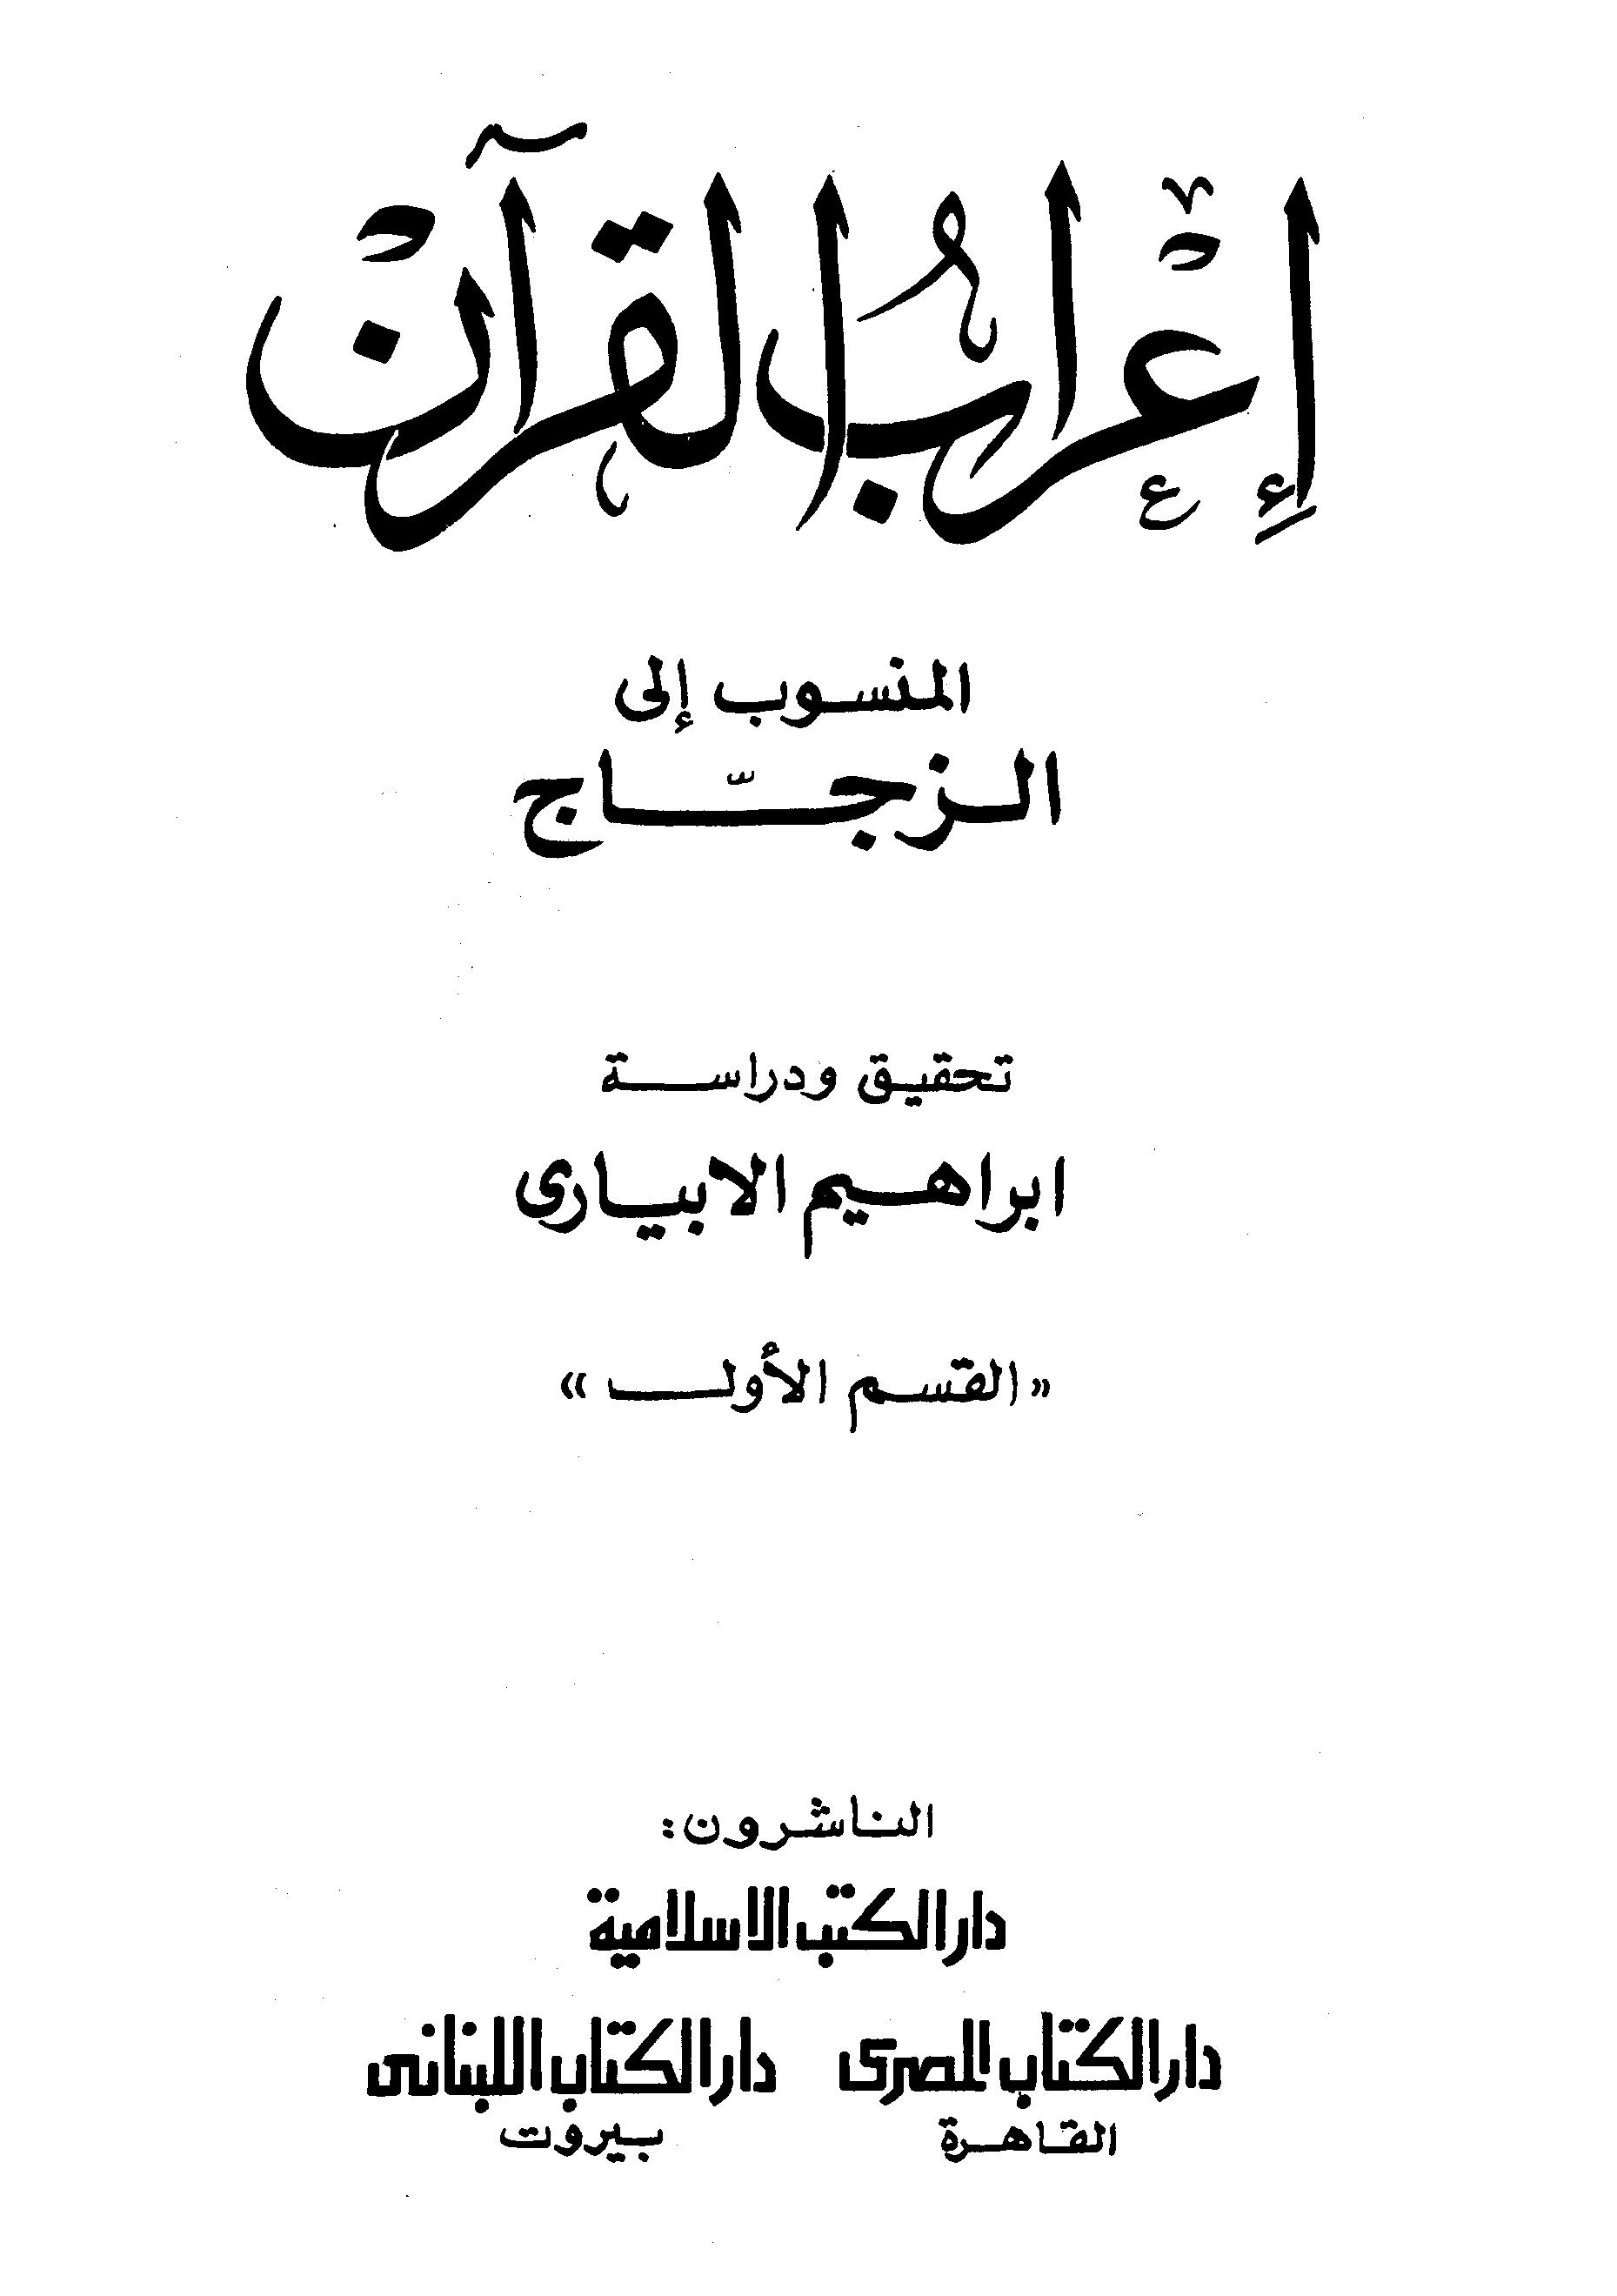 تحميل كتاب إعراب القرآن (الزجاج) لـِ: الإمام أبو إسحاق إبراهيم بن السري الزجاج (ت 311)